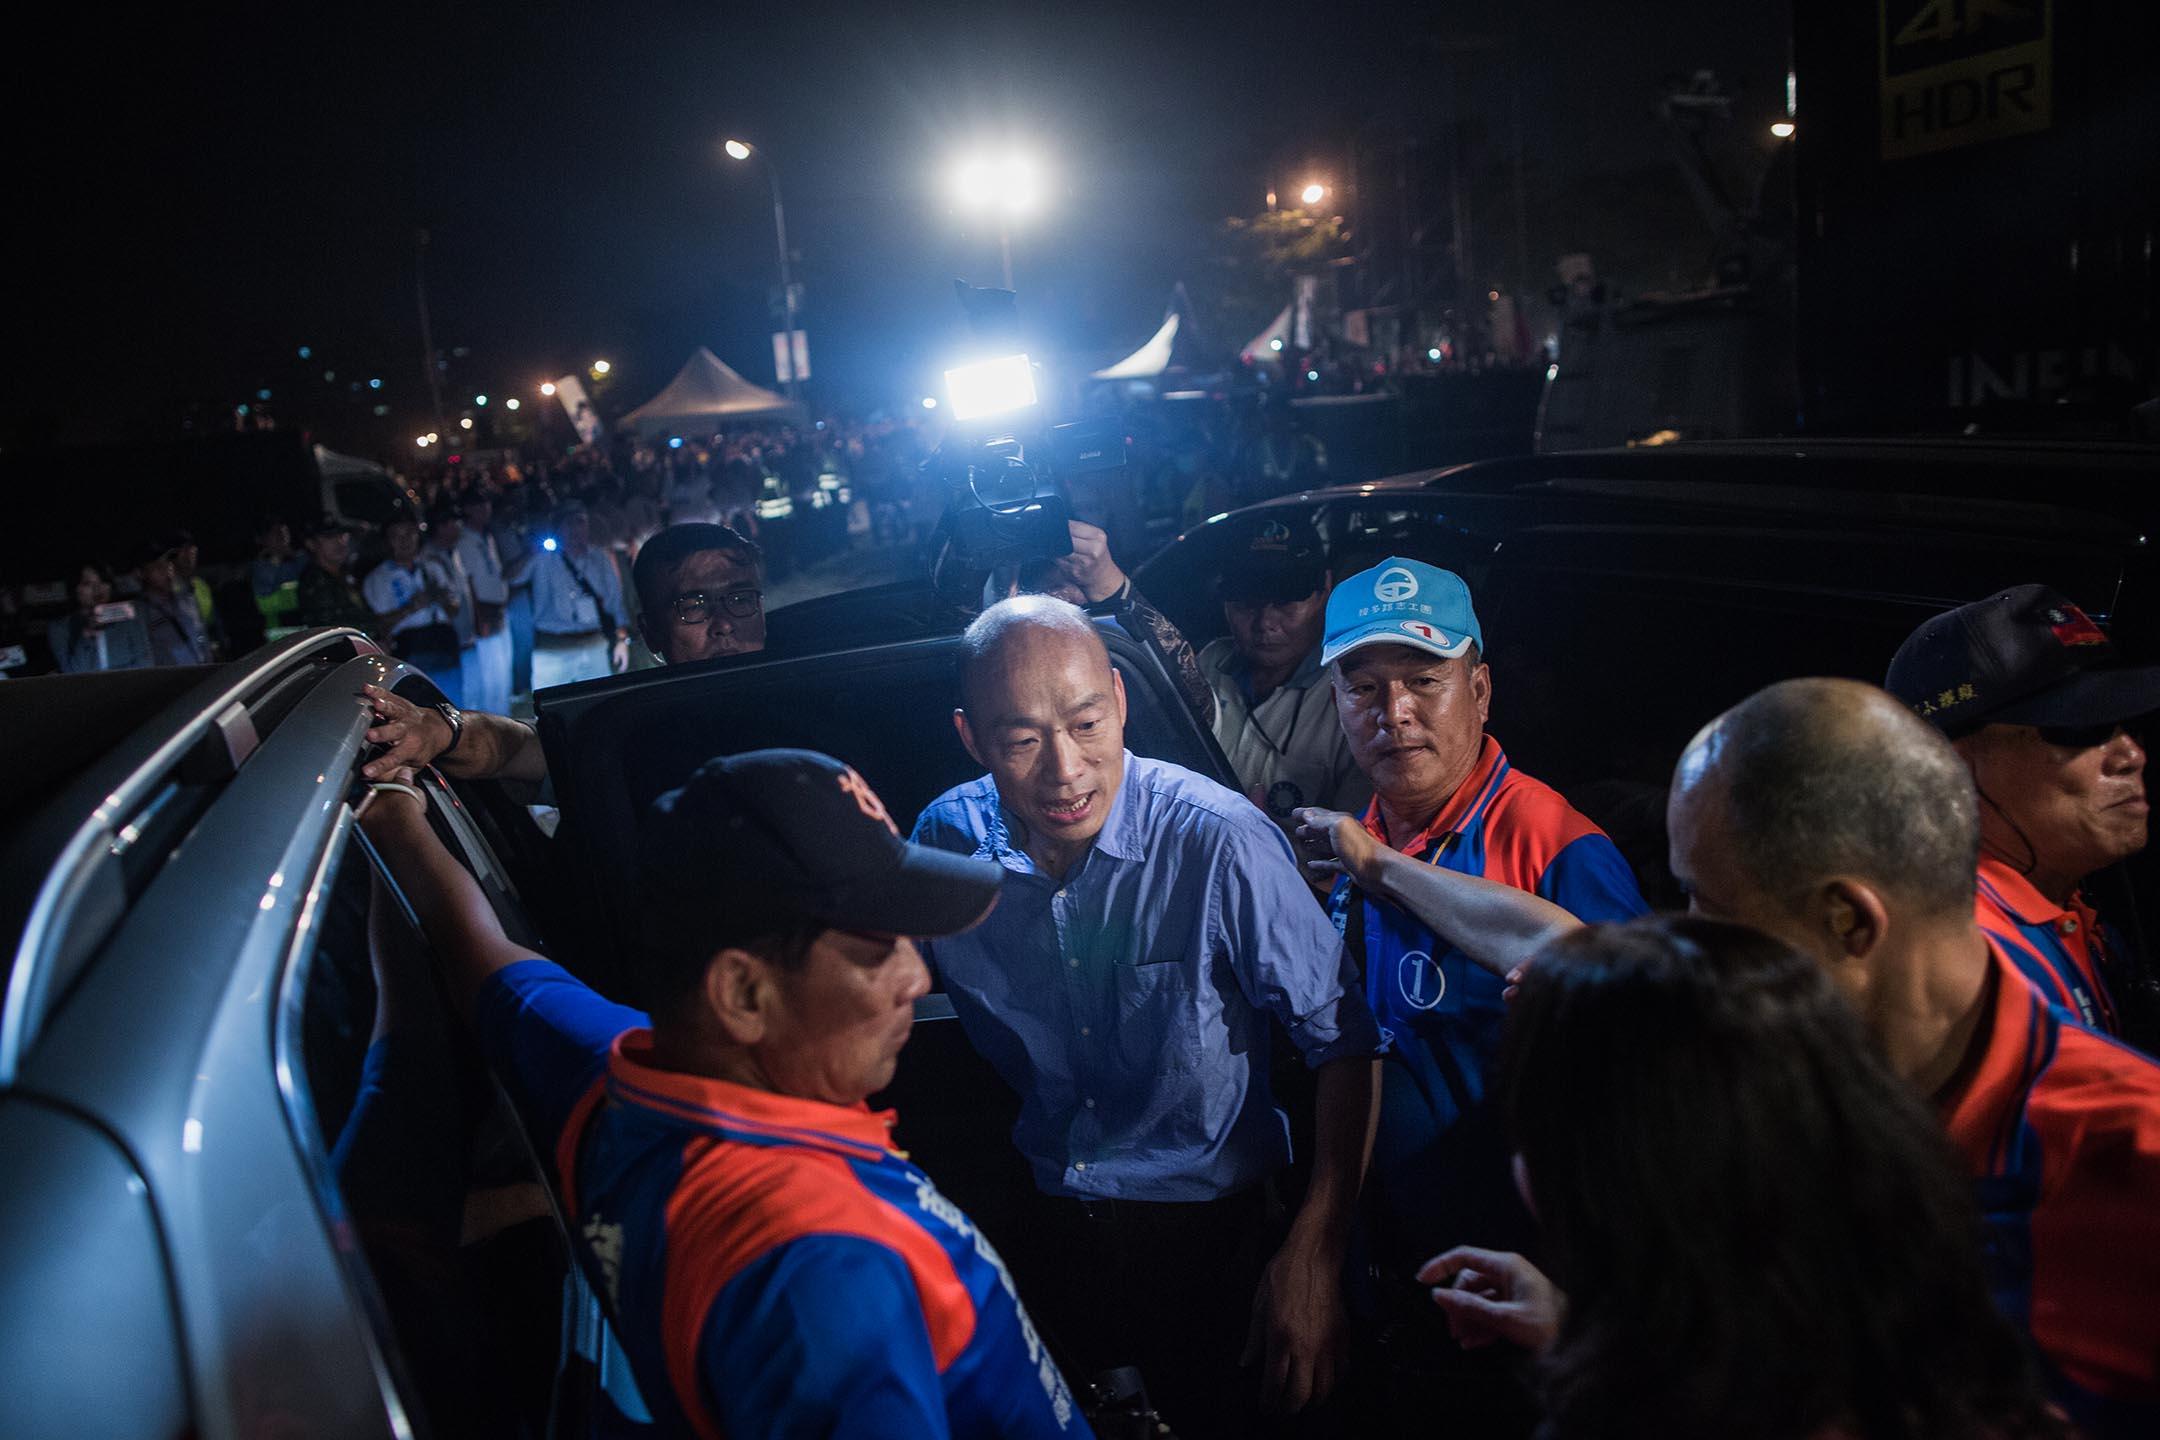 2018年11月17日 , 韓國瑜在高雄市鳯山的造勢晚會後離開。